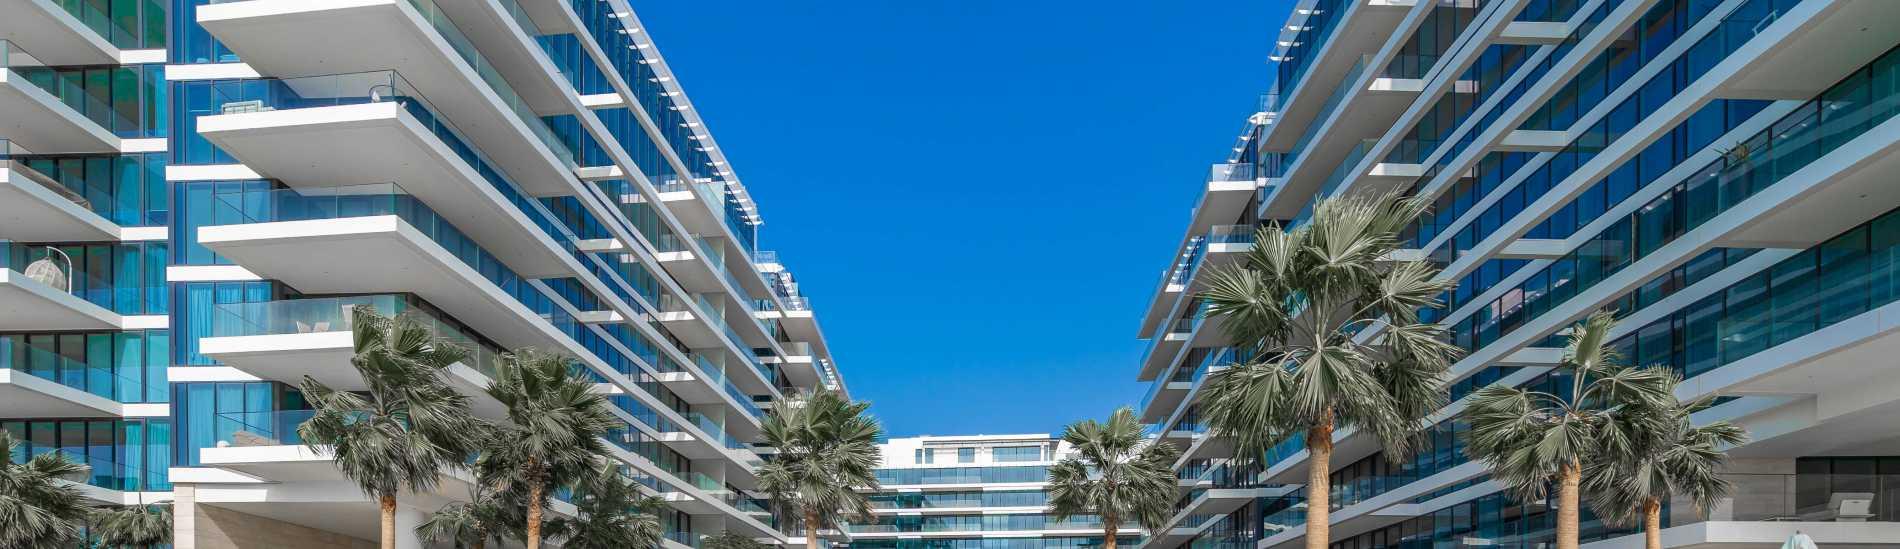 Serenia Residences - Ultimate Beachfront Living